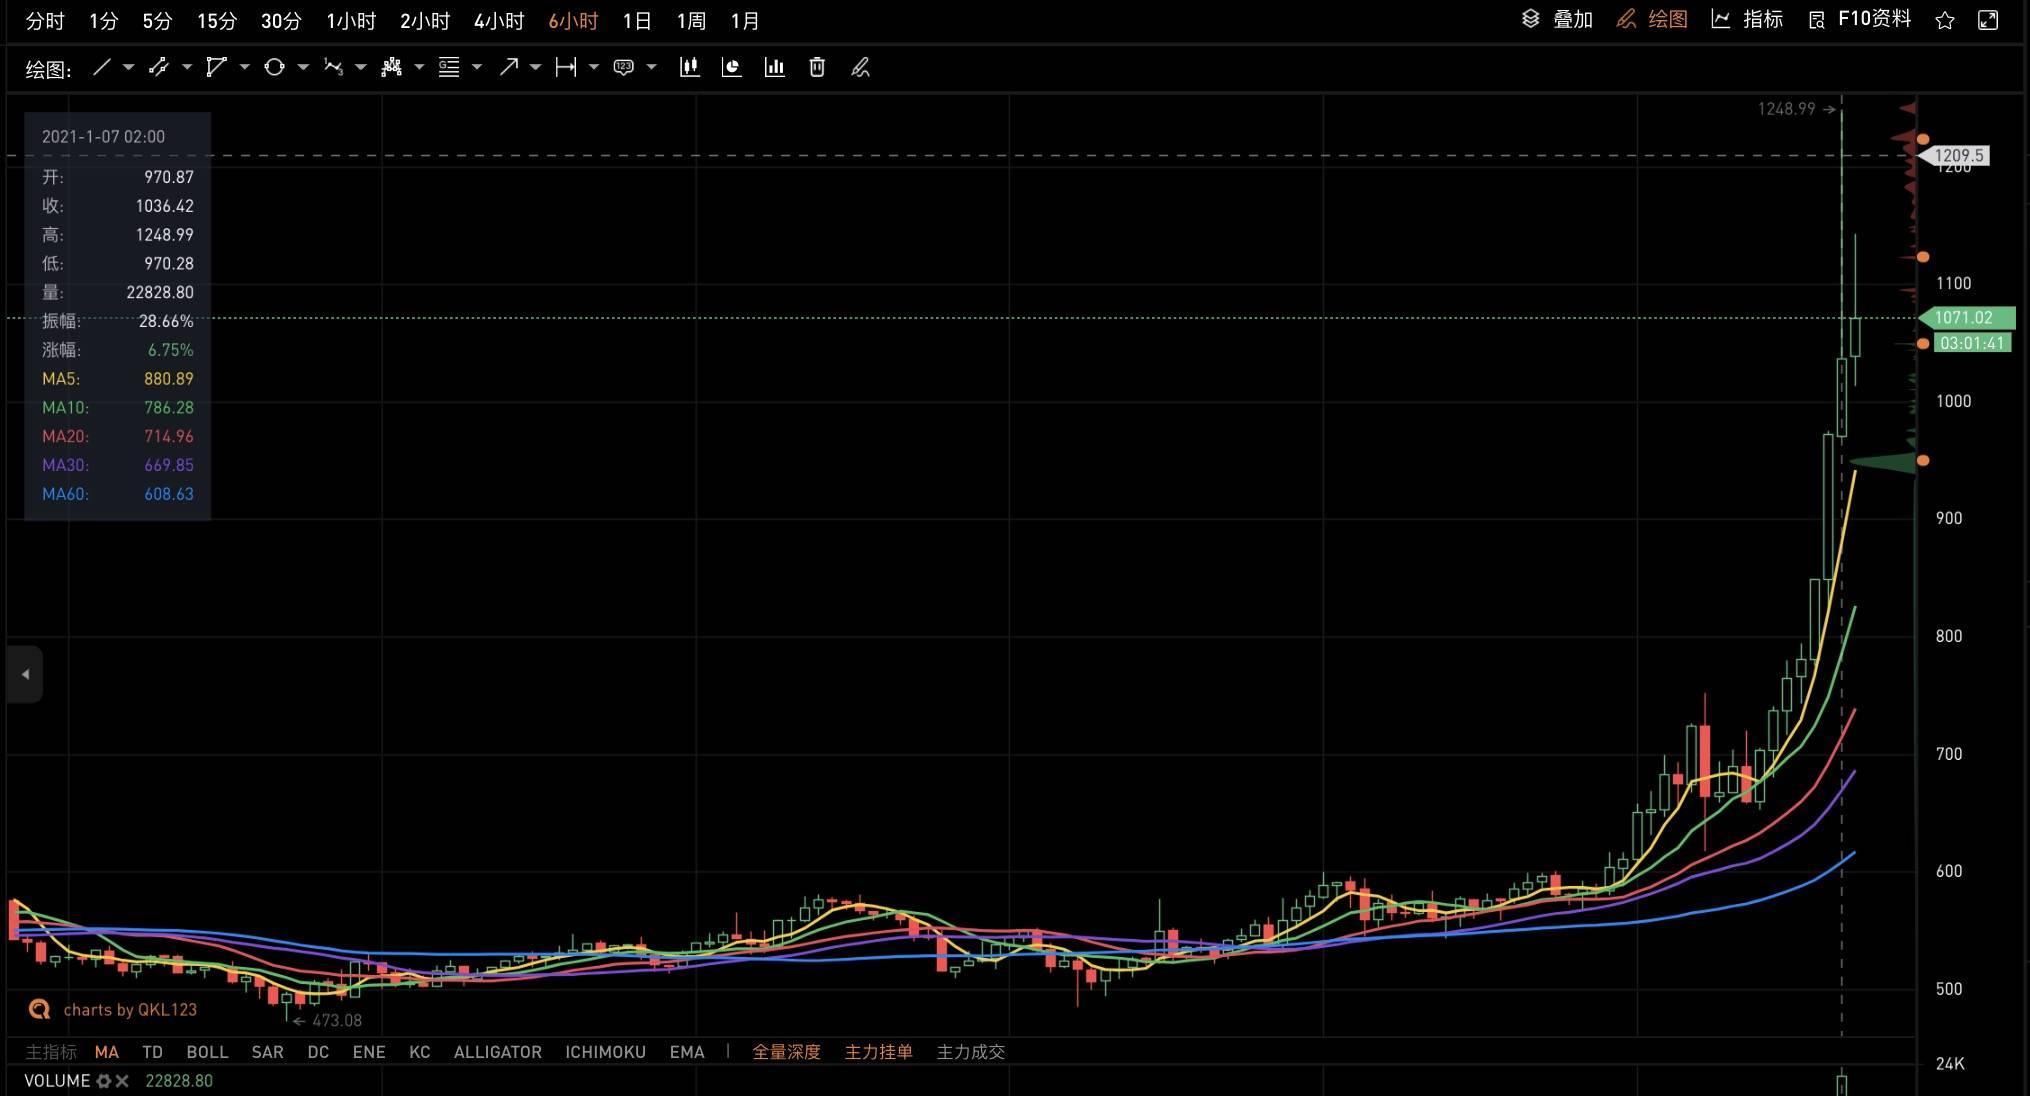 爆锤算法稳定币,Maker协议市值一夜增长近5亿美元